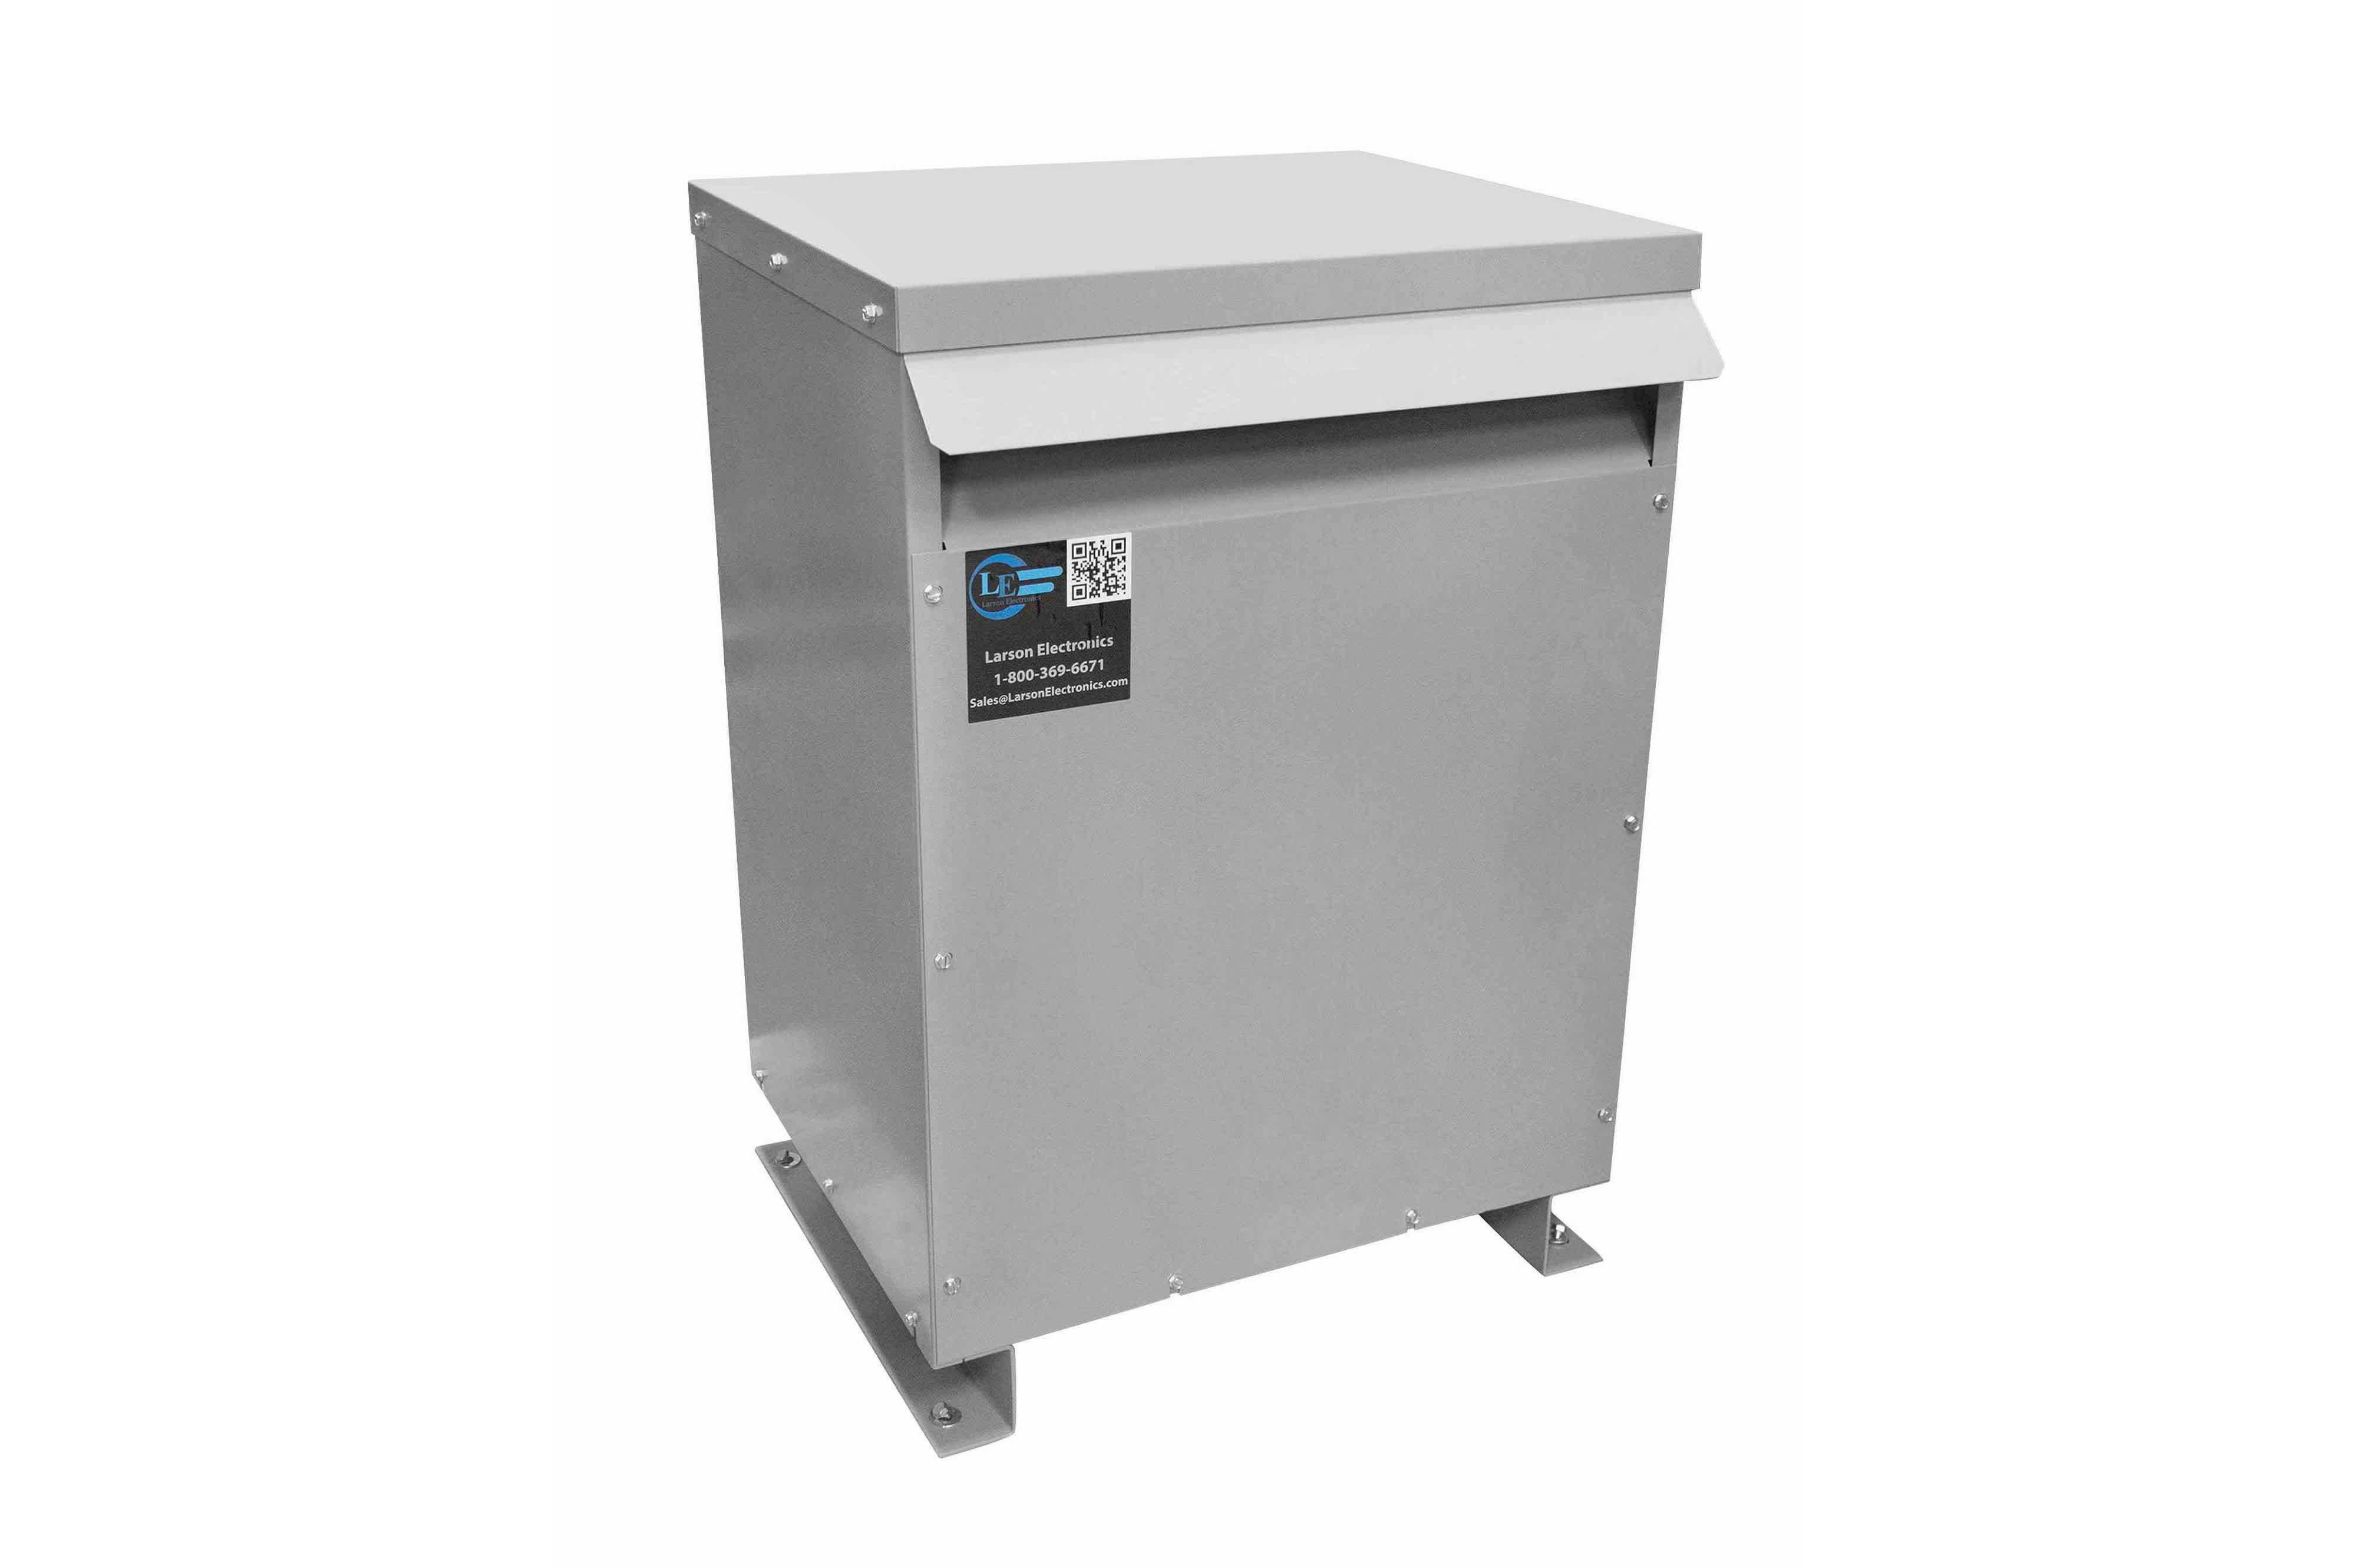 32.5 kVA 3PH Isolation Transformer, 575V Delta Primary, 240 Delta Secondary, N3R, Ventilated, 60 Hz